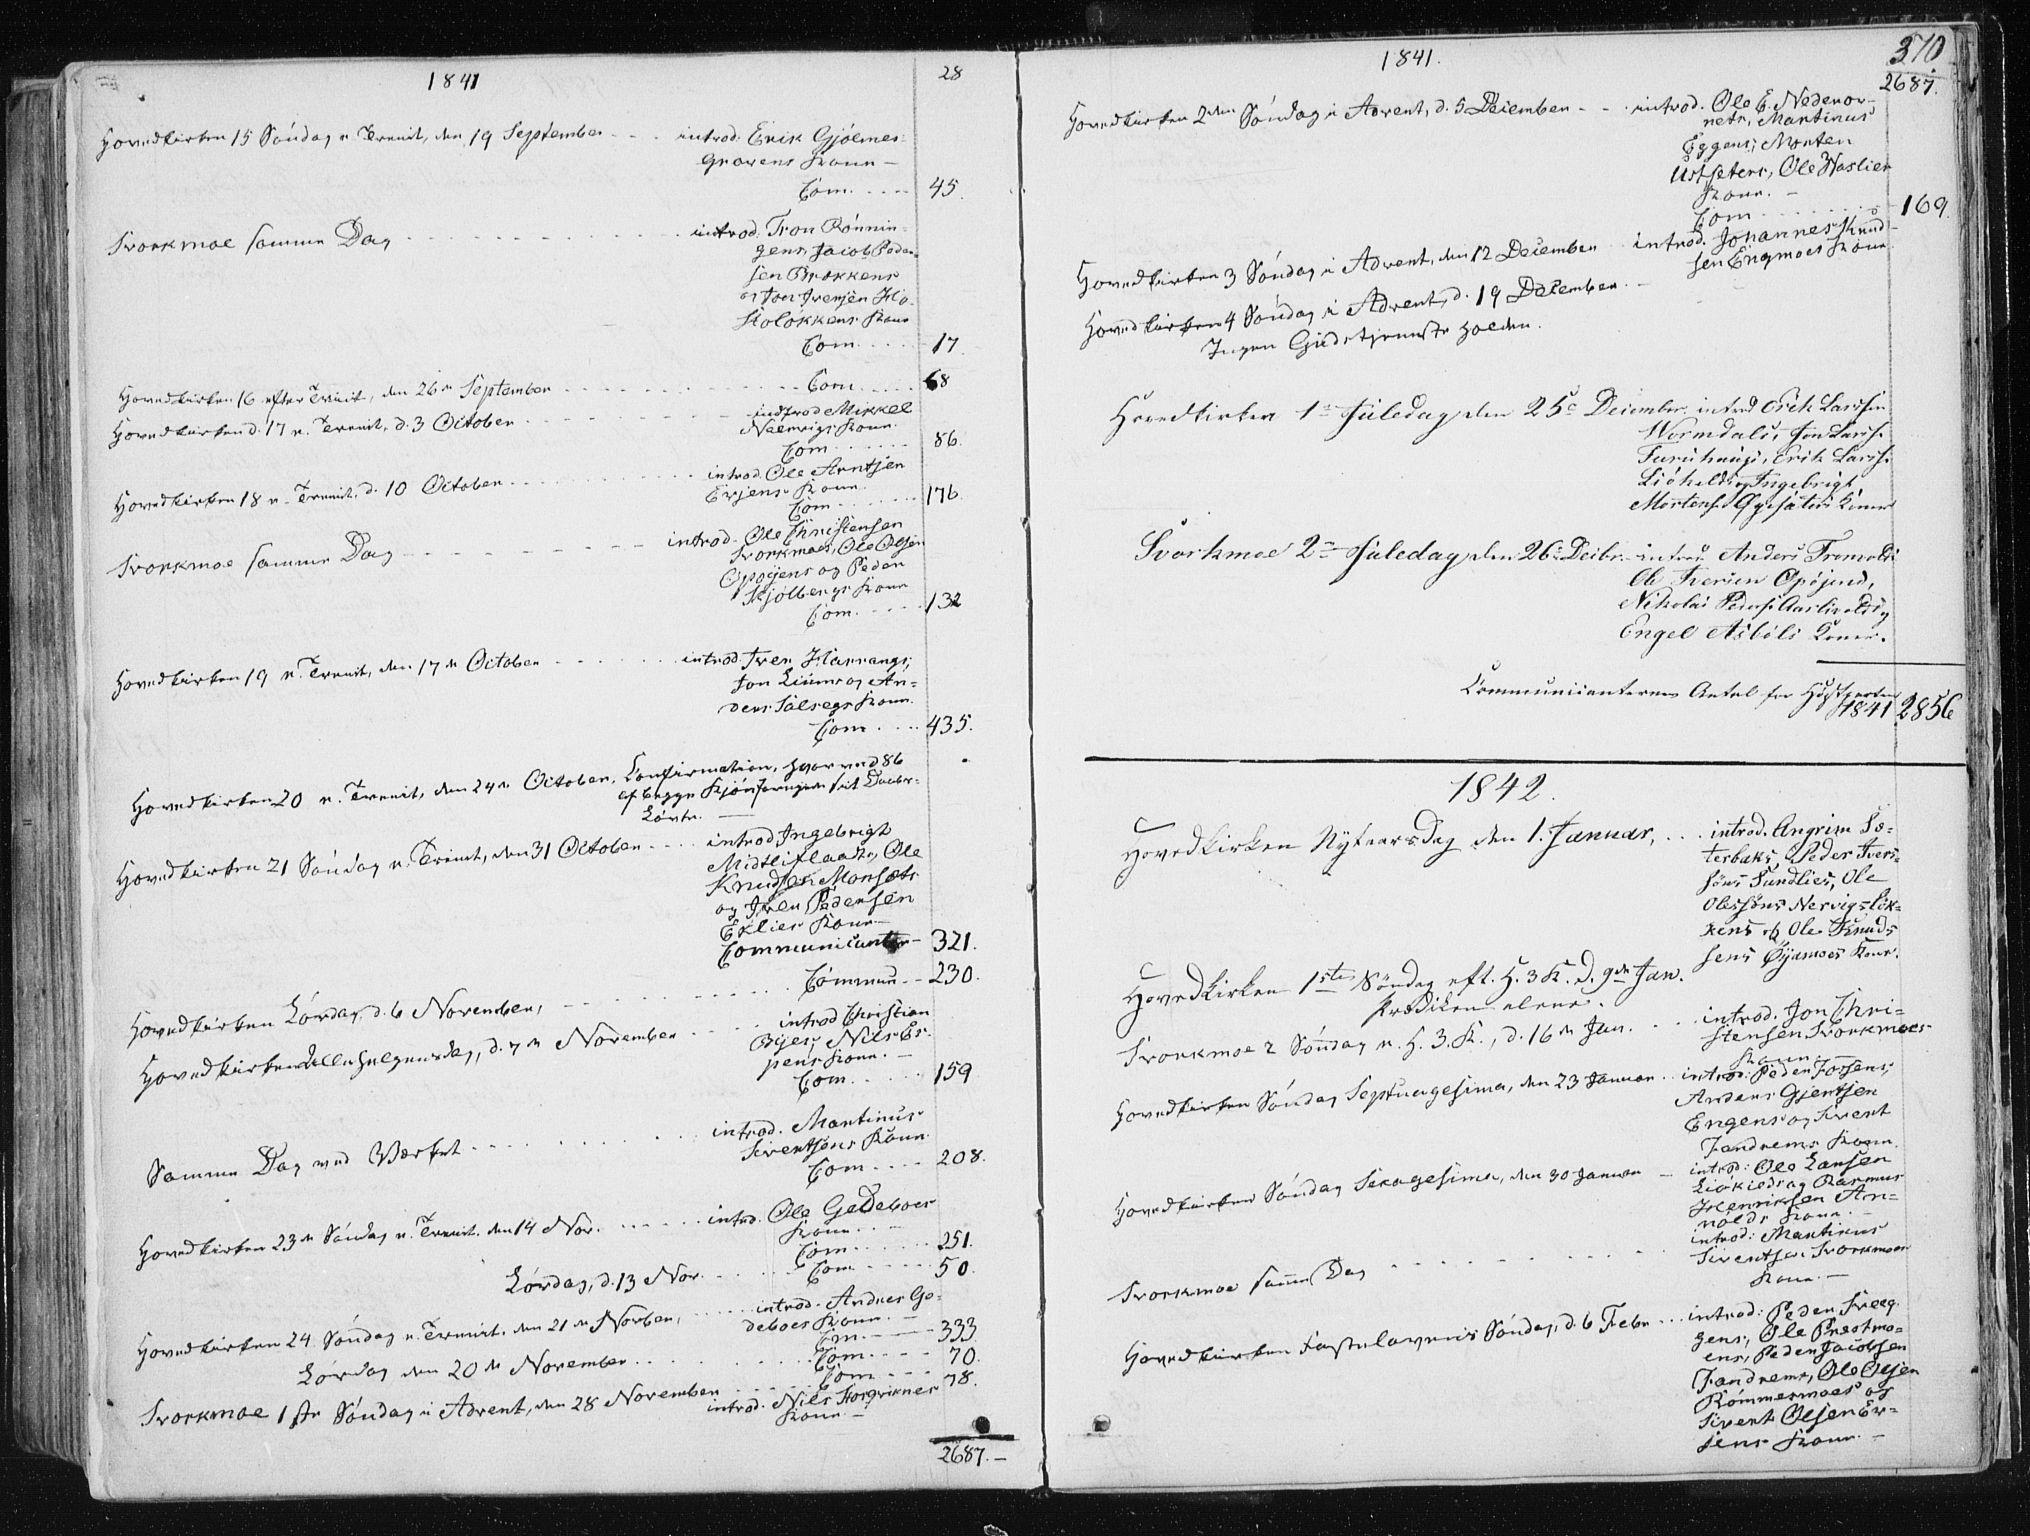 SAT, Ministerialprotokoller, klokkerbøker og fødselsregistre - Sør-Trøndelag, 668/L0805: Ministerialbok nr. 668A05, 1840-1853, s. 370